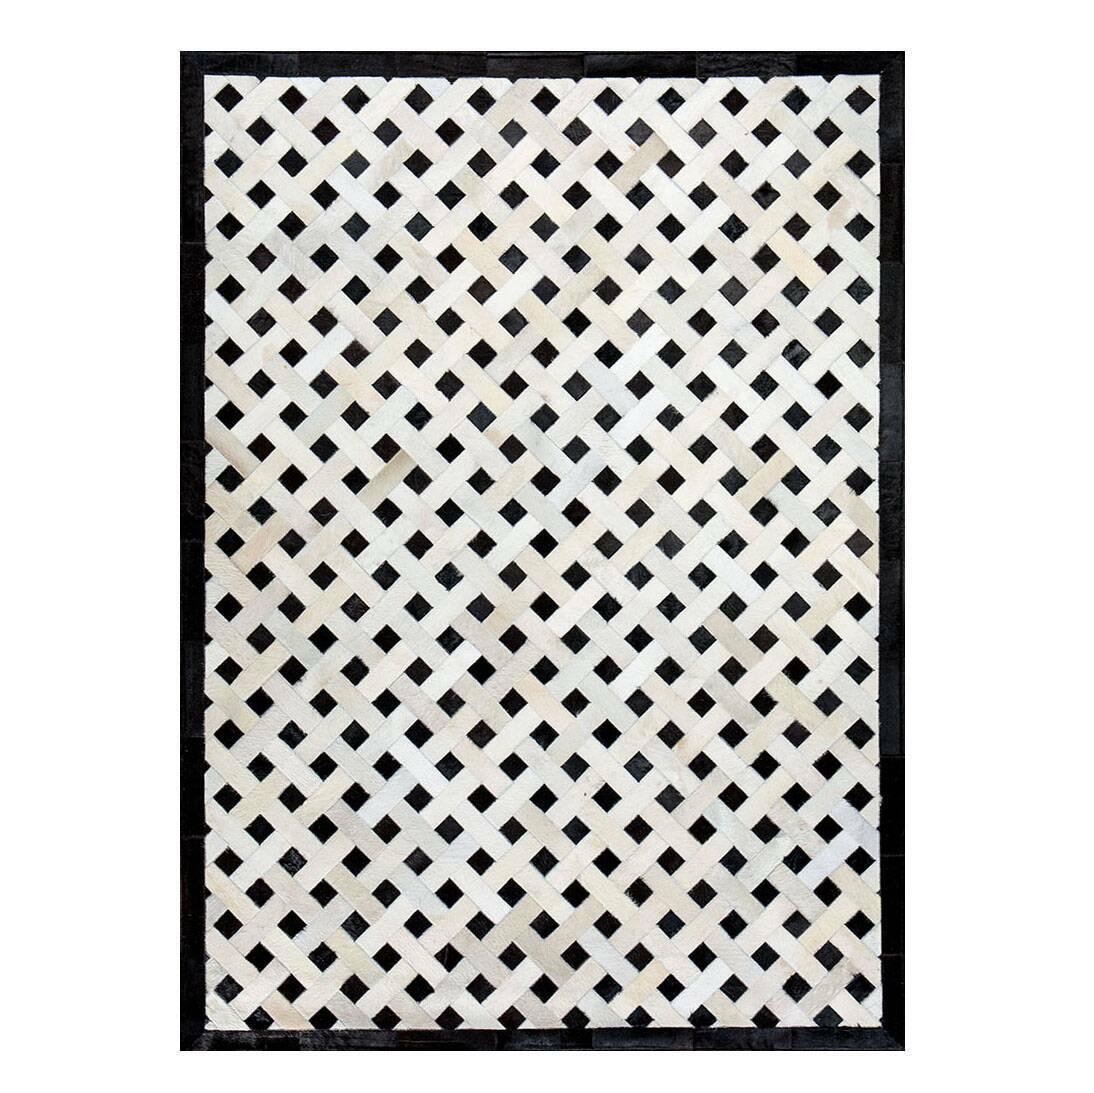 Ковер Mono WeaveКовры<br>Mosaic Rug – это уникальный английский бренд, который занимается производством высококачественных ковров из коровьих шкур на основе из искусственной кожи. Дизайнеры создают из этого необычного материала настоящие шедевры. Каждое изделие шьется вручную с помощью современных швейных машин. Ковры отличаются яркой индивидуальностью и характером, каждый обладает интересными сочетаниями цветовых оттенков, паттернов, рисунков и узоров. Все этапы производства находятся под тщательным контролем опы...<br><br>stock: 0<br>Ширина: 120<br>Материал: Коровья шкура<br>Цвет: Разноцветный<br>Длина: 180<br>Состав основы: Кожа искусственная